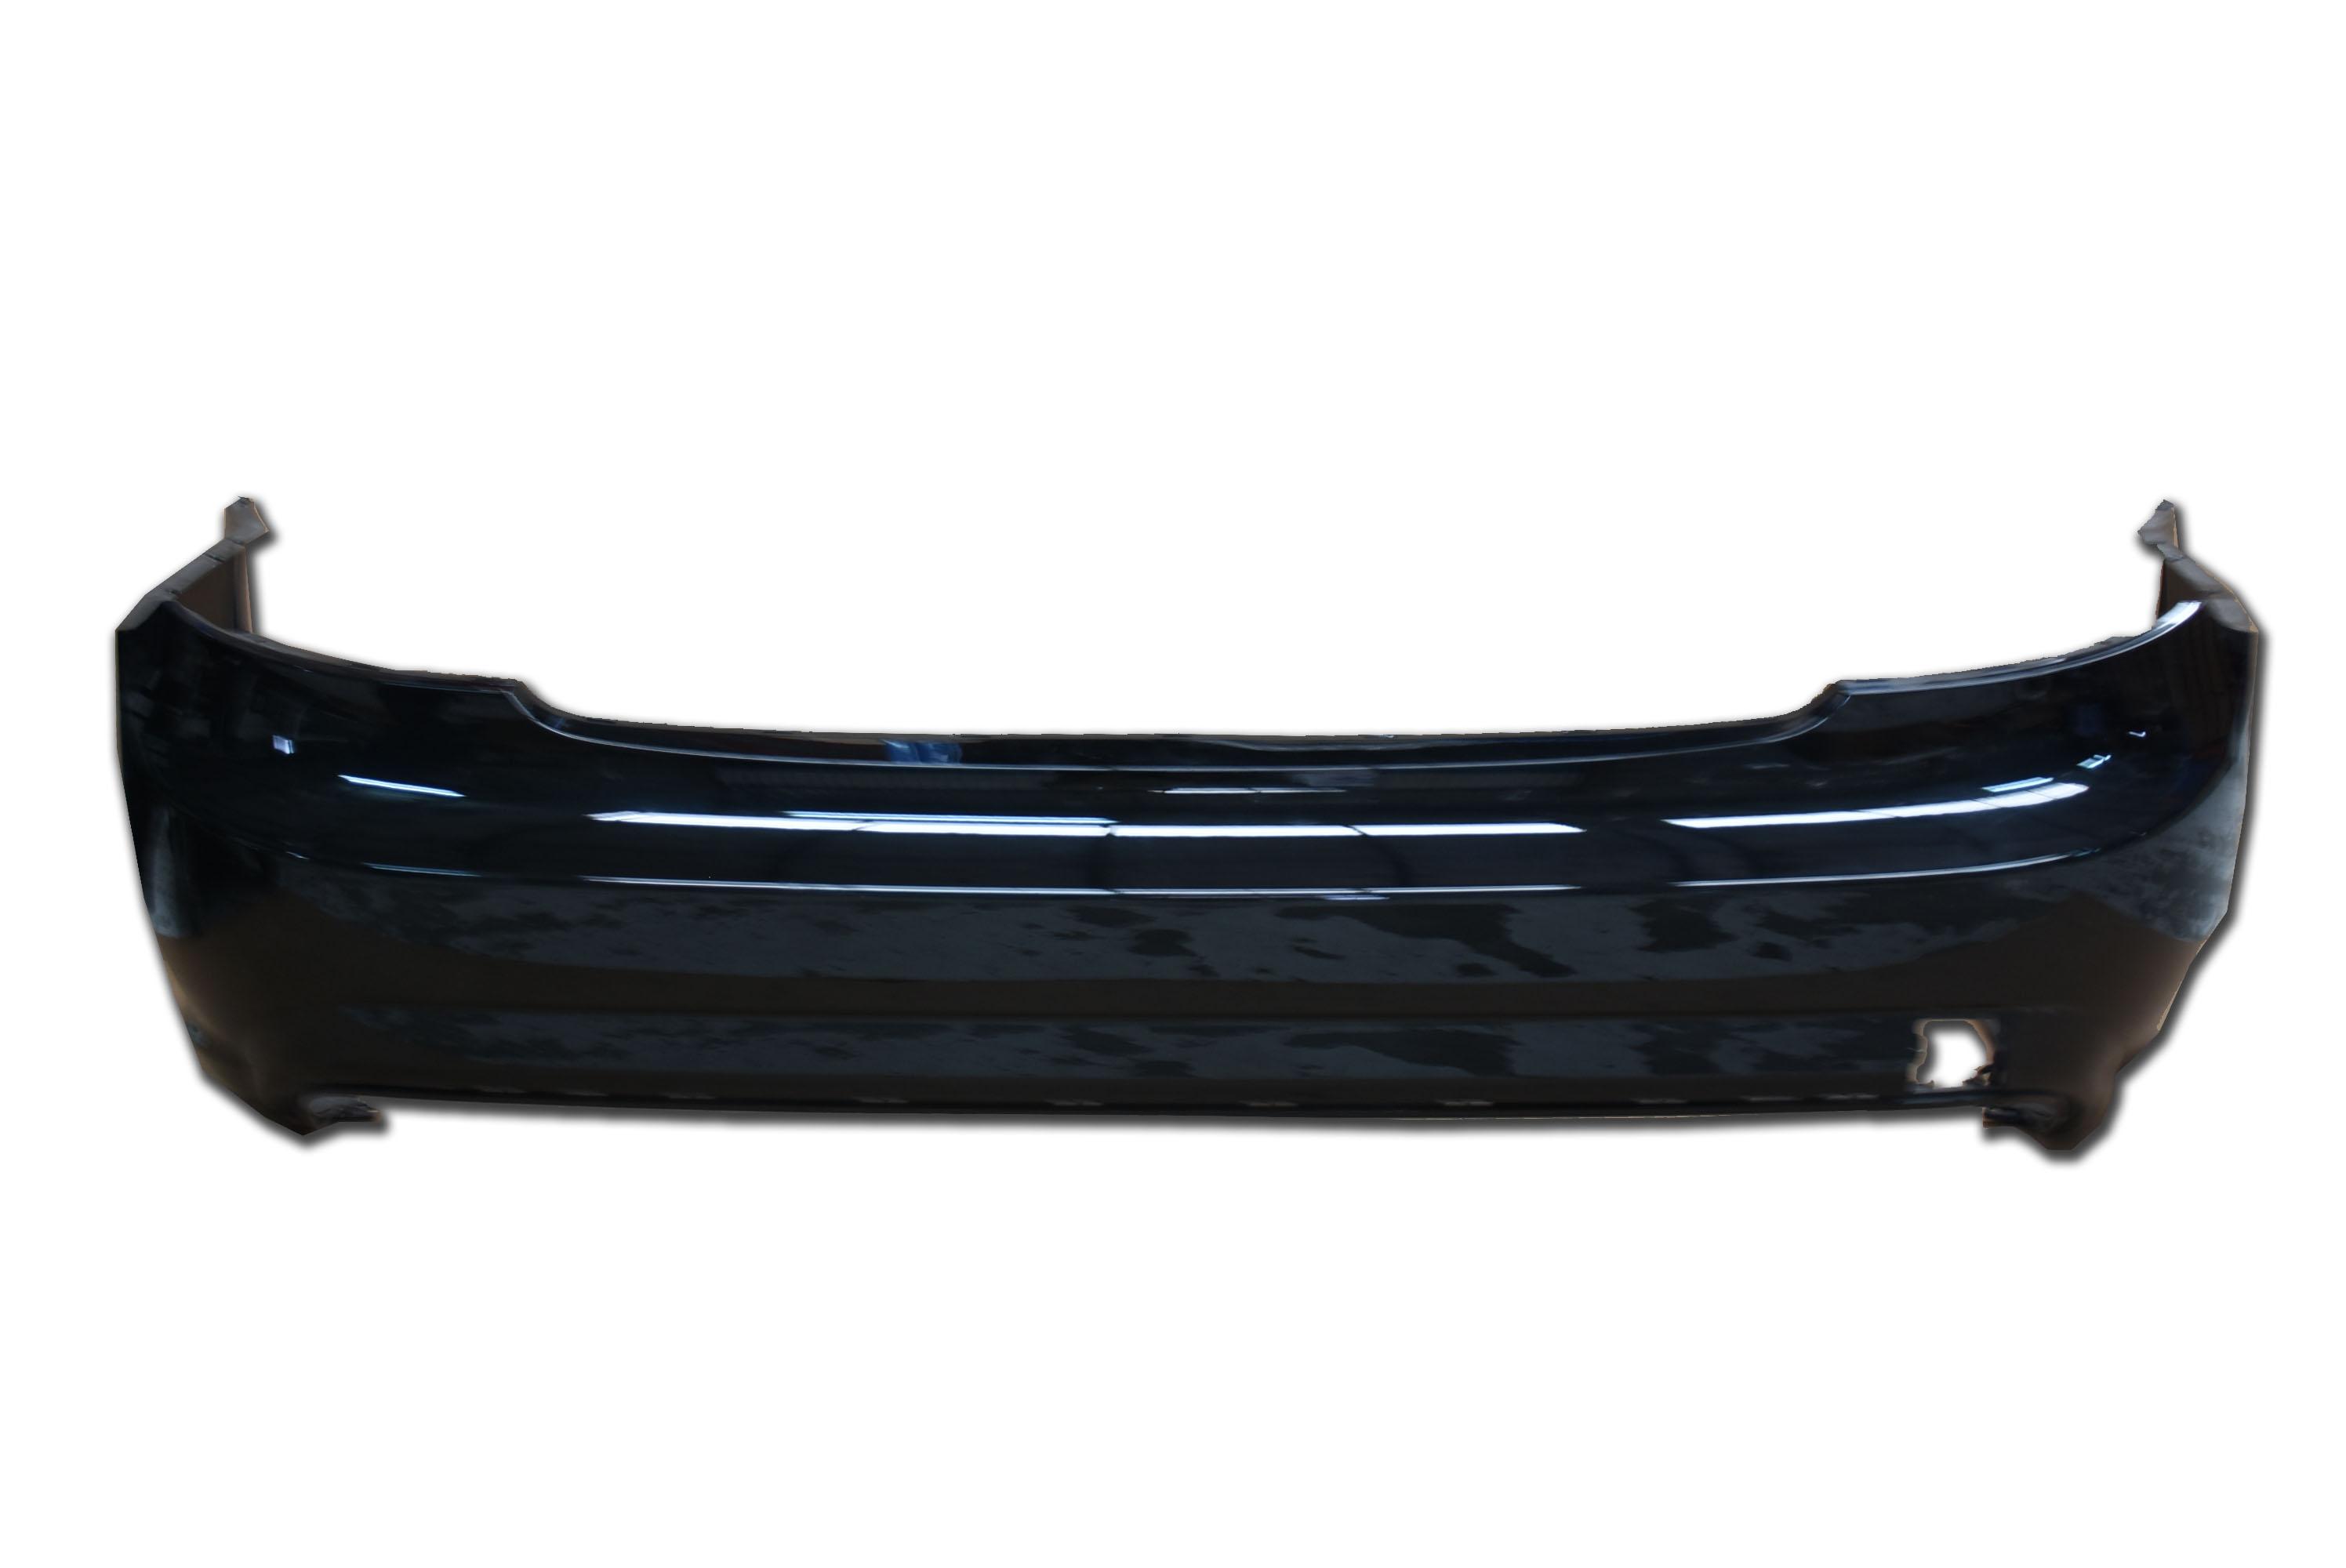 A2168800840 rear bumper